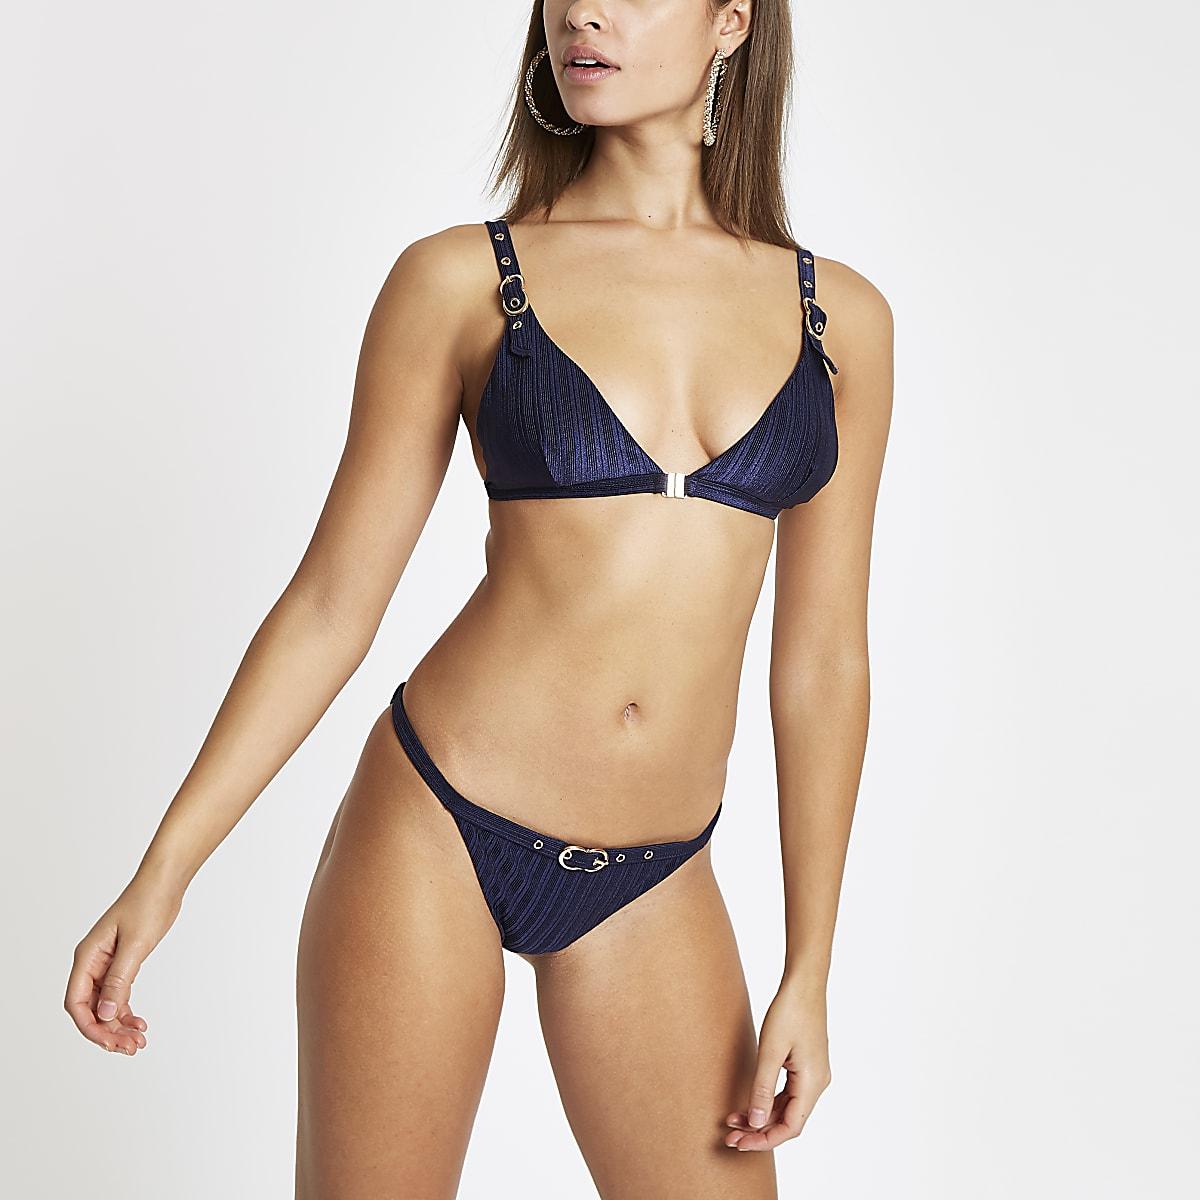 acd4b1d426aae Navy buckle trim triangle bikini top - Bikini Tops - Bikinis ...